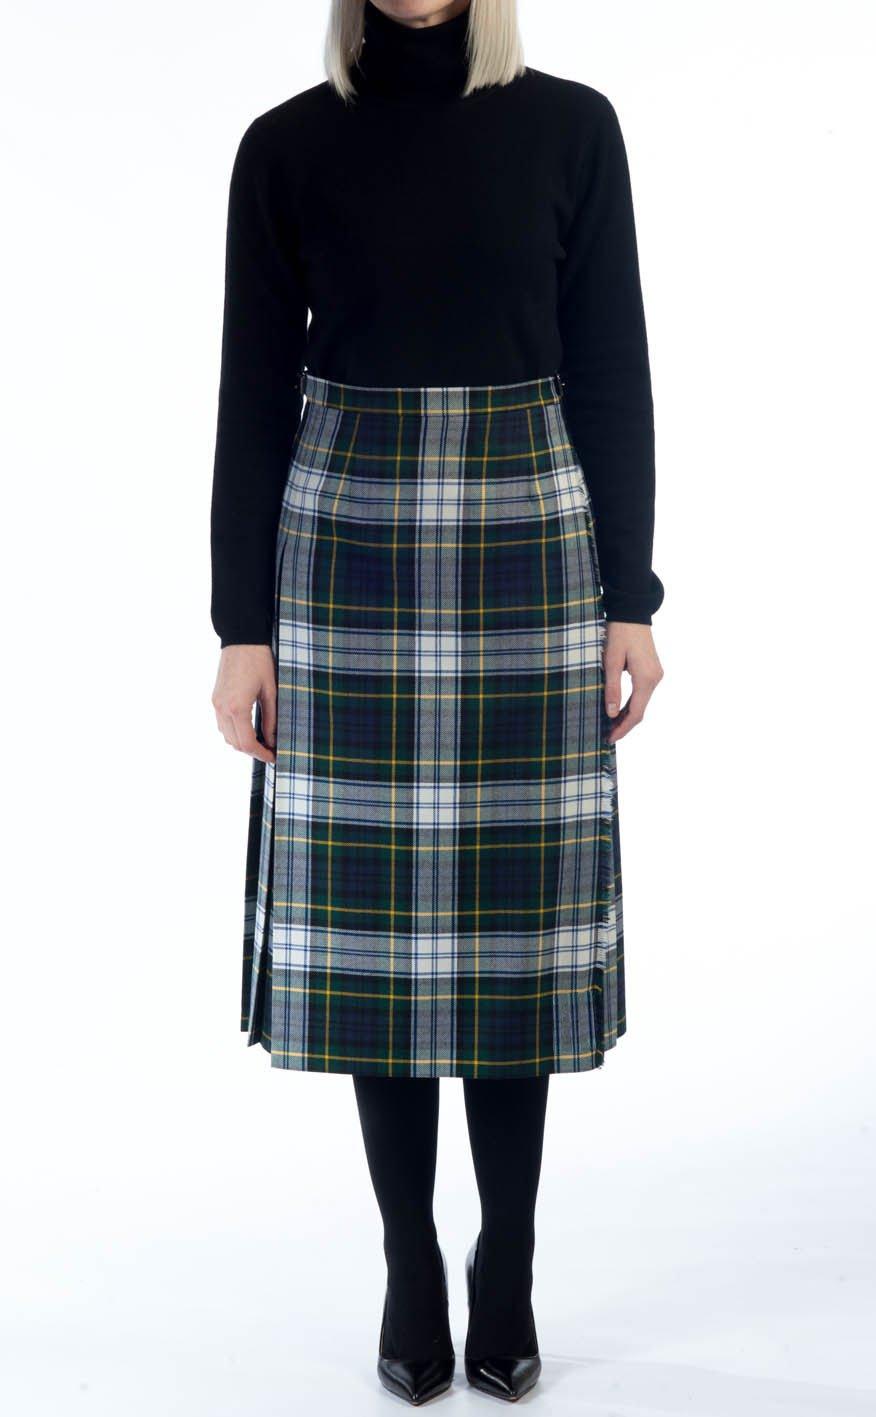 36 Waist New Dress Gordon Ladies Billie Pleated Kilt Knee Length Skirt in Dress Gordon Tartan